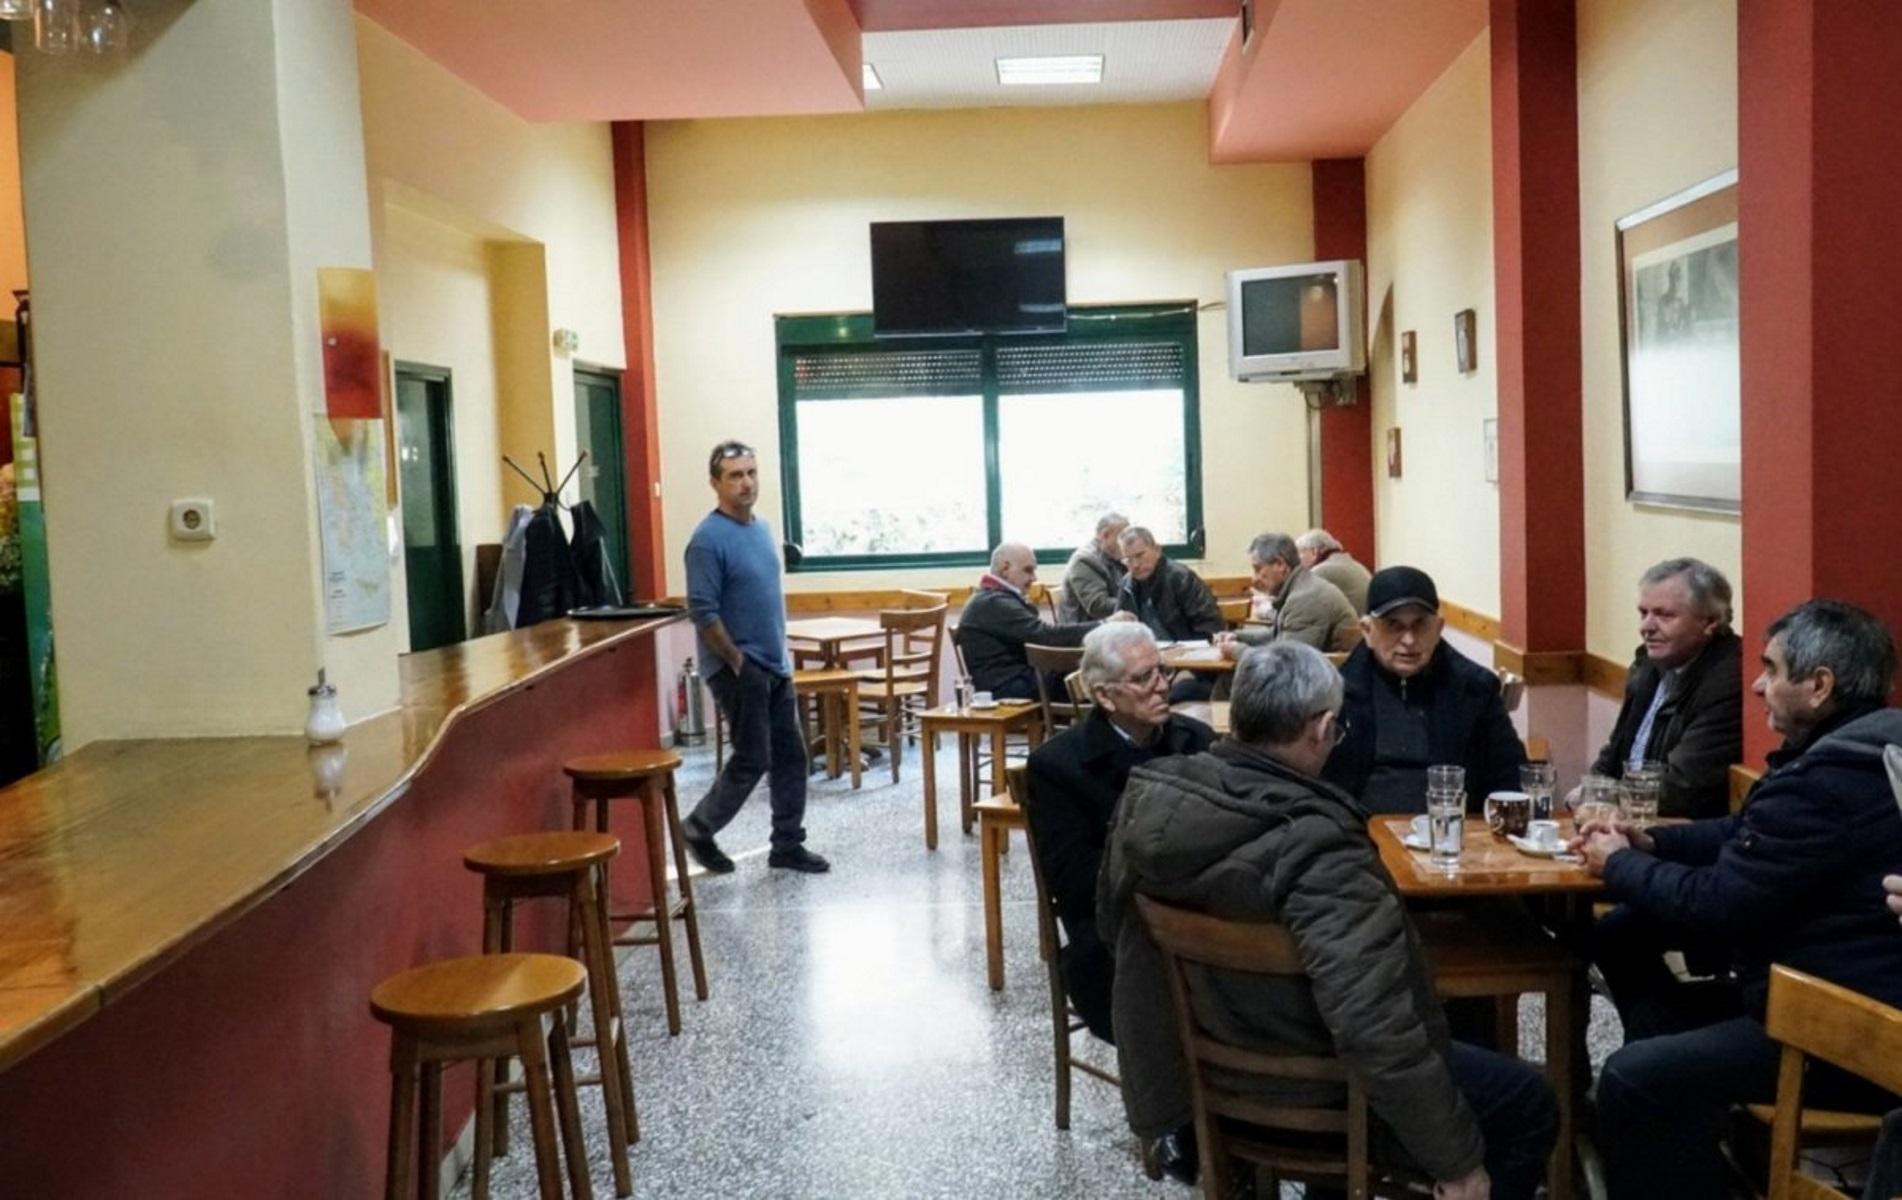 Κορονοϊός: Στην Αιτωλοακαρνανία αγνόησαν τα μέτρα και μαζεύτηκαν να δουν μπάλα σε καφενείο